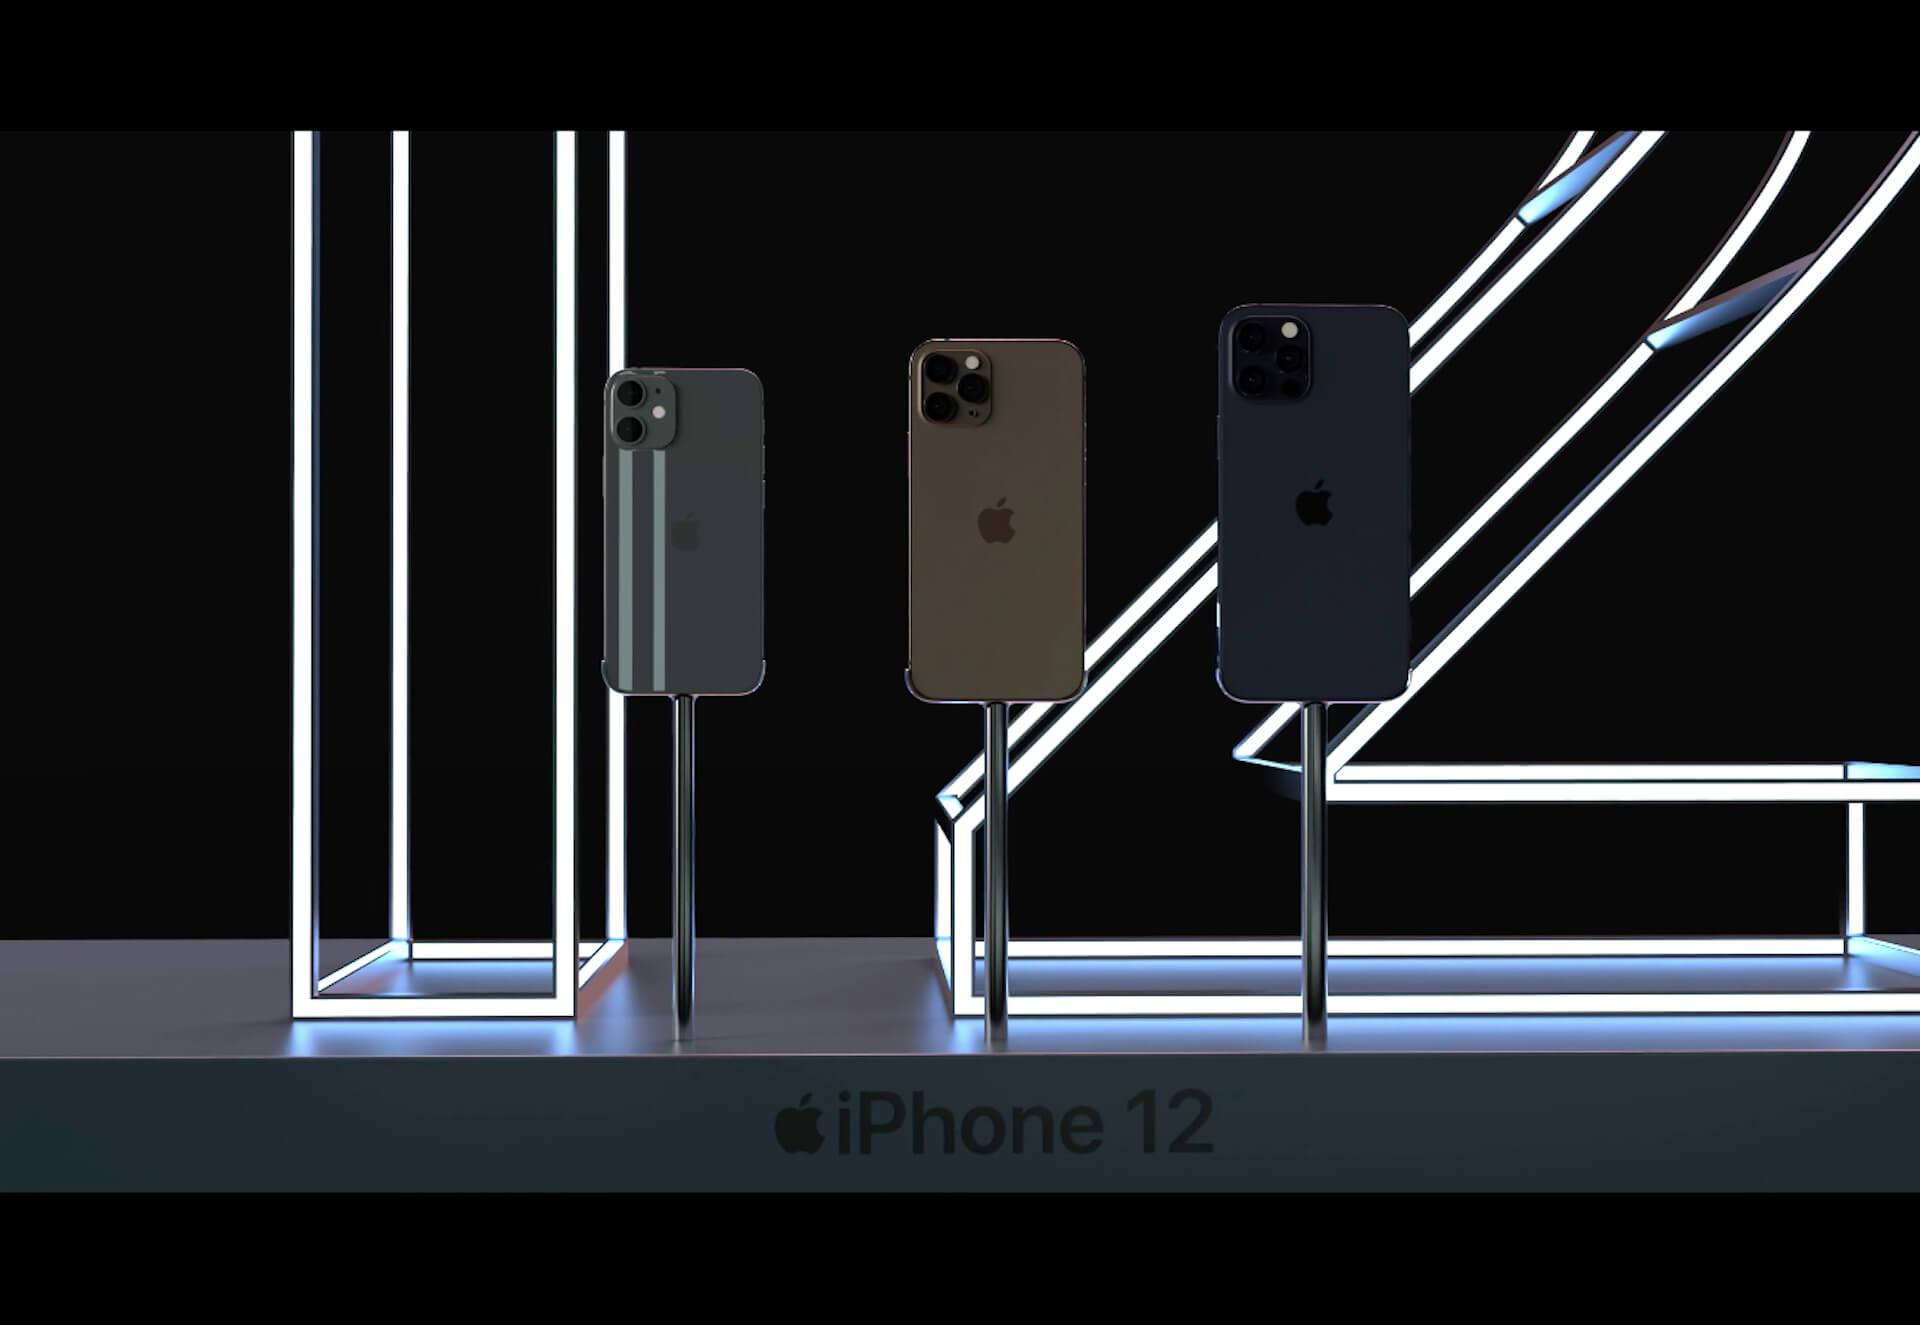 iPhone 12、ローエンドシリーズが4GB、Proシリーズが6GBのRAMを搭載か? tech200710_iphone12_main